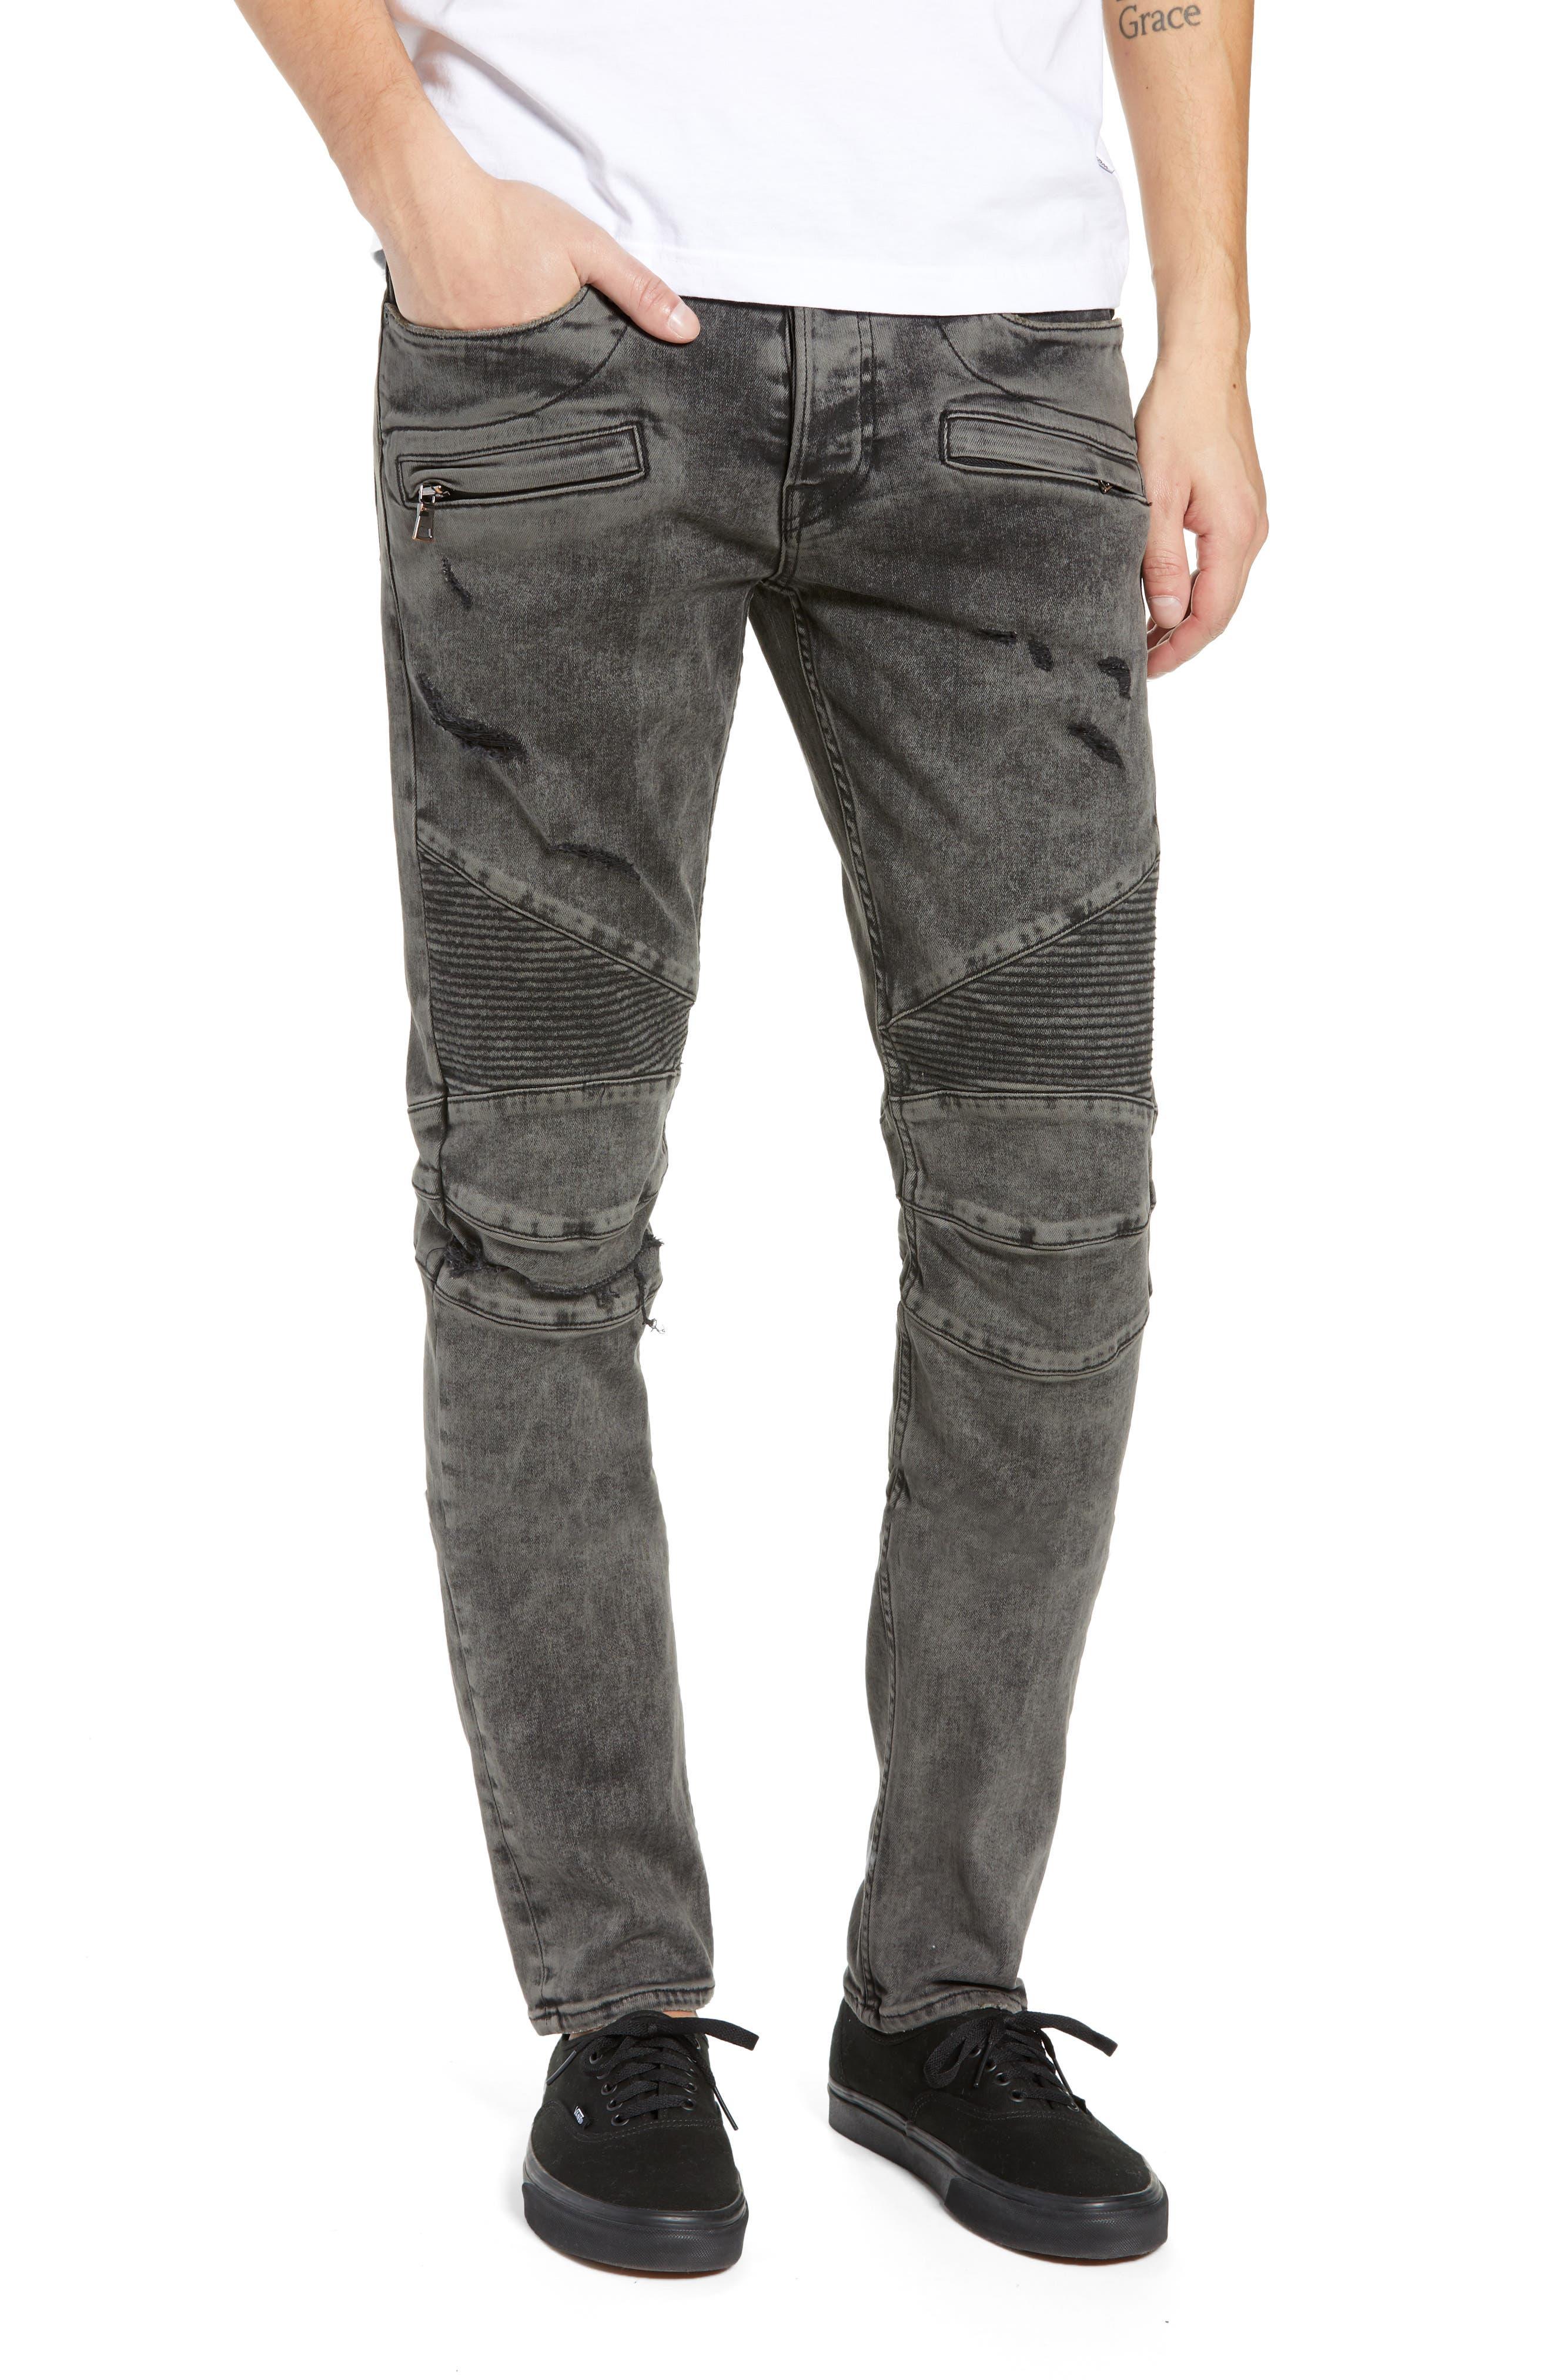 Blinder Biker Skinny Fit Jeans,                         Main,                         color, FADE GRAPHITE